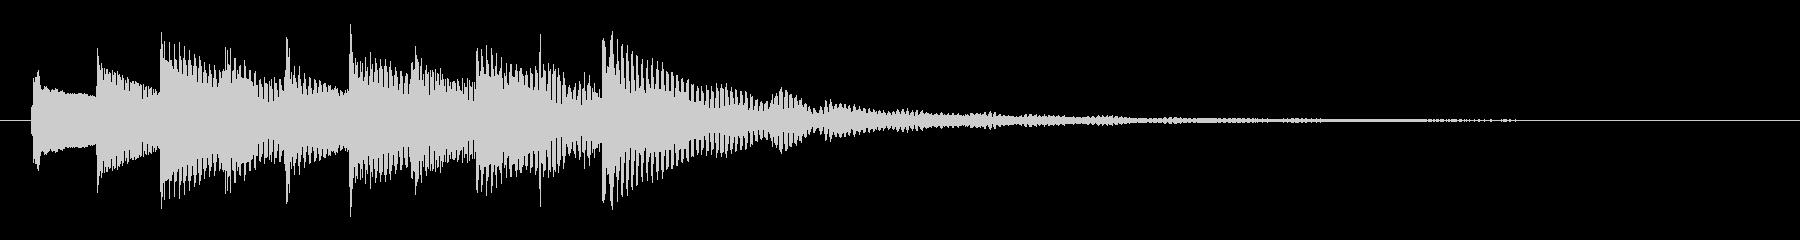 謎に挑む雰囲気のチル系ベルのジングルの未再生の波形